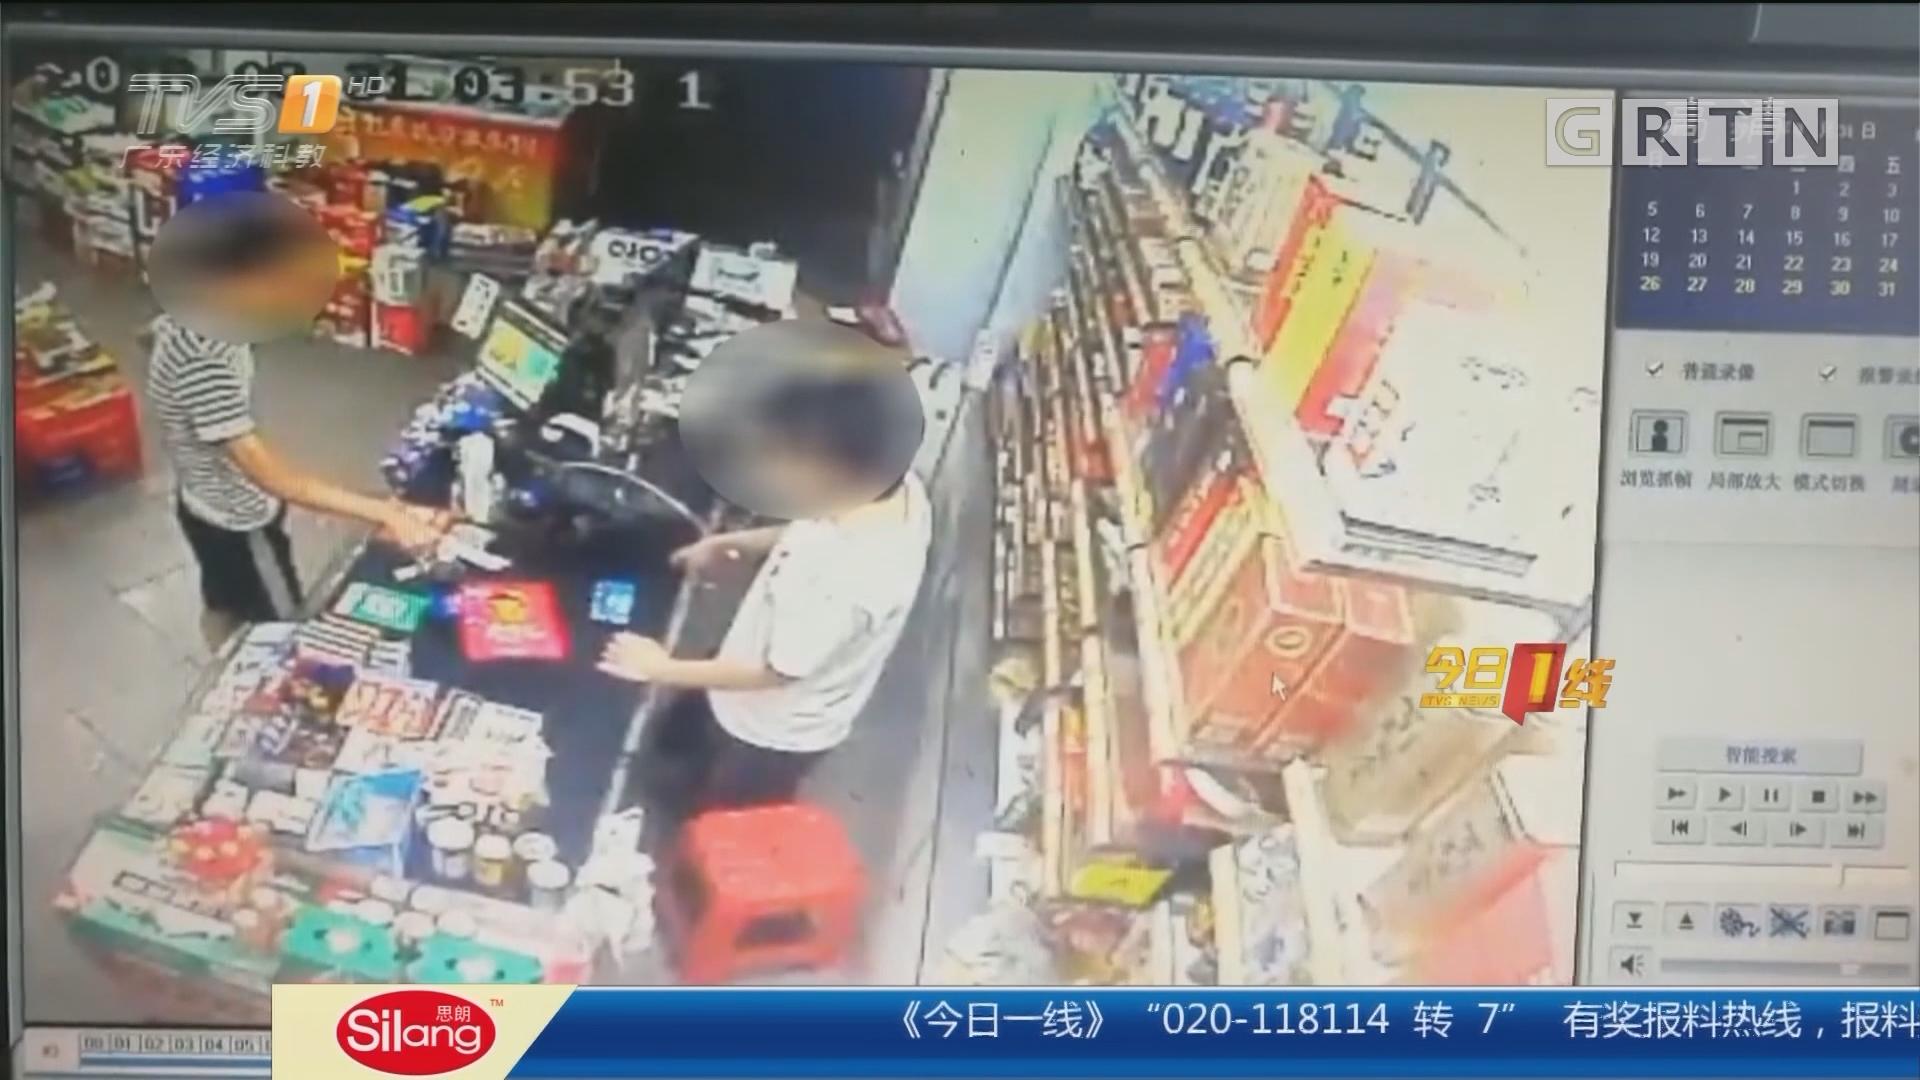 河源源城:便利店买刀抢劫 16岁嫌犯投案自首